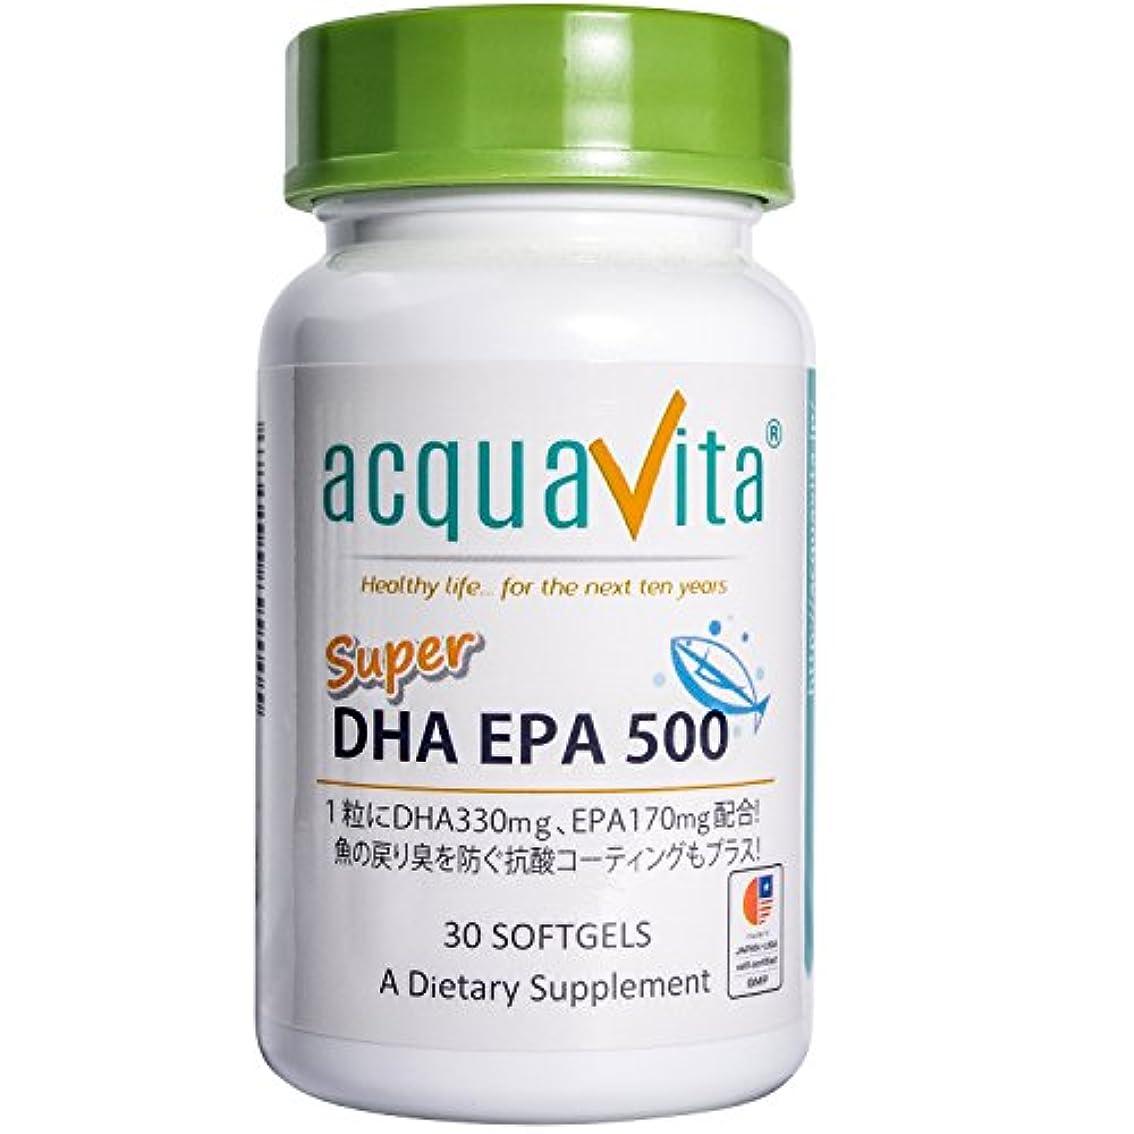 定刻怠鉱石acquavita(アクアヴィータ) スーパーDHAEPA500 30粒